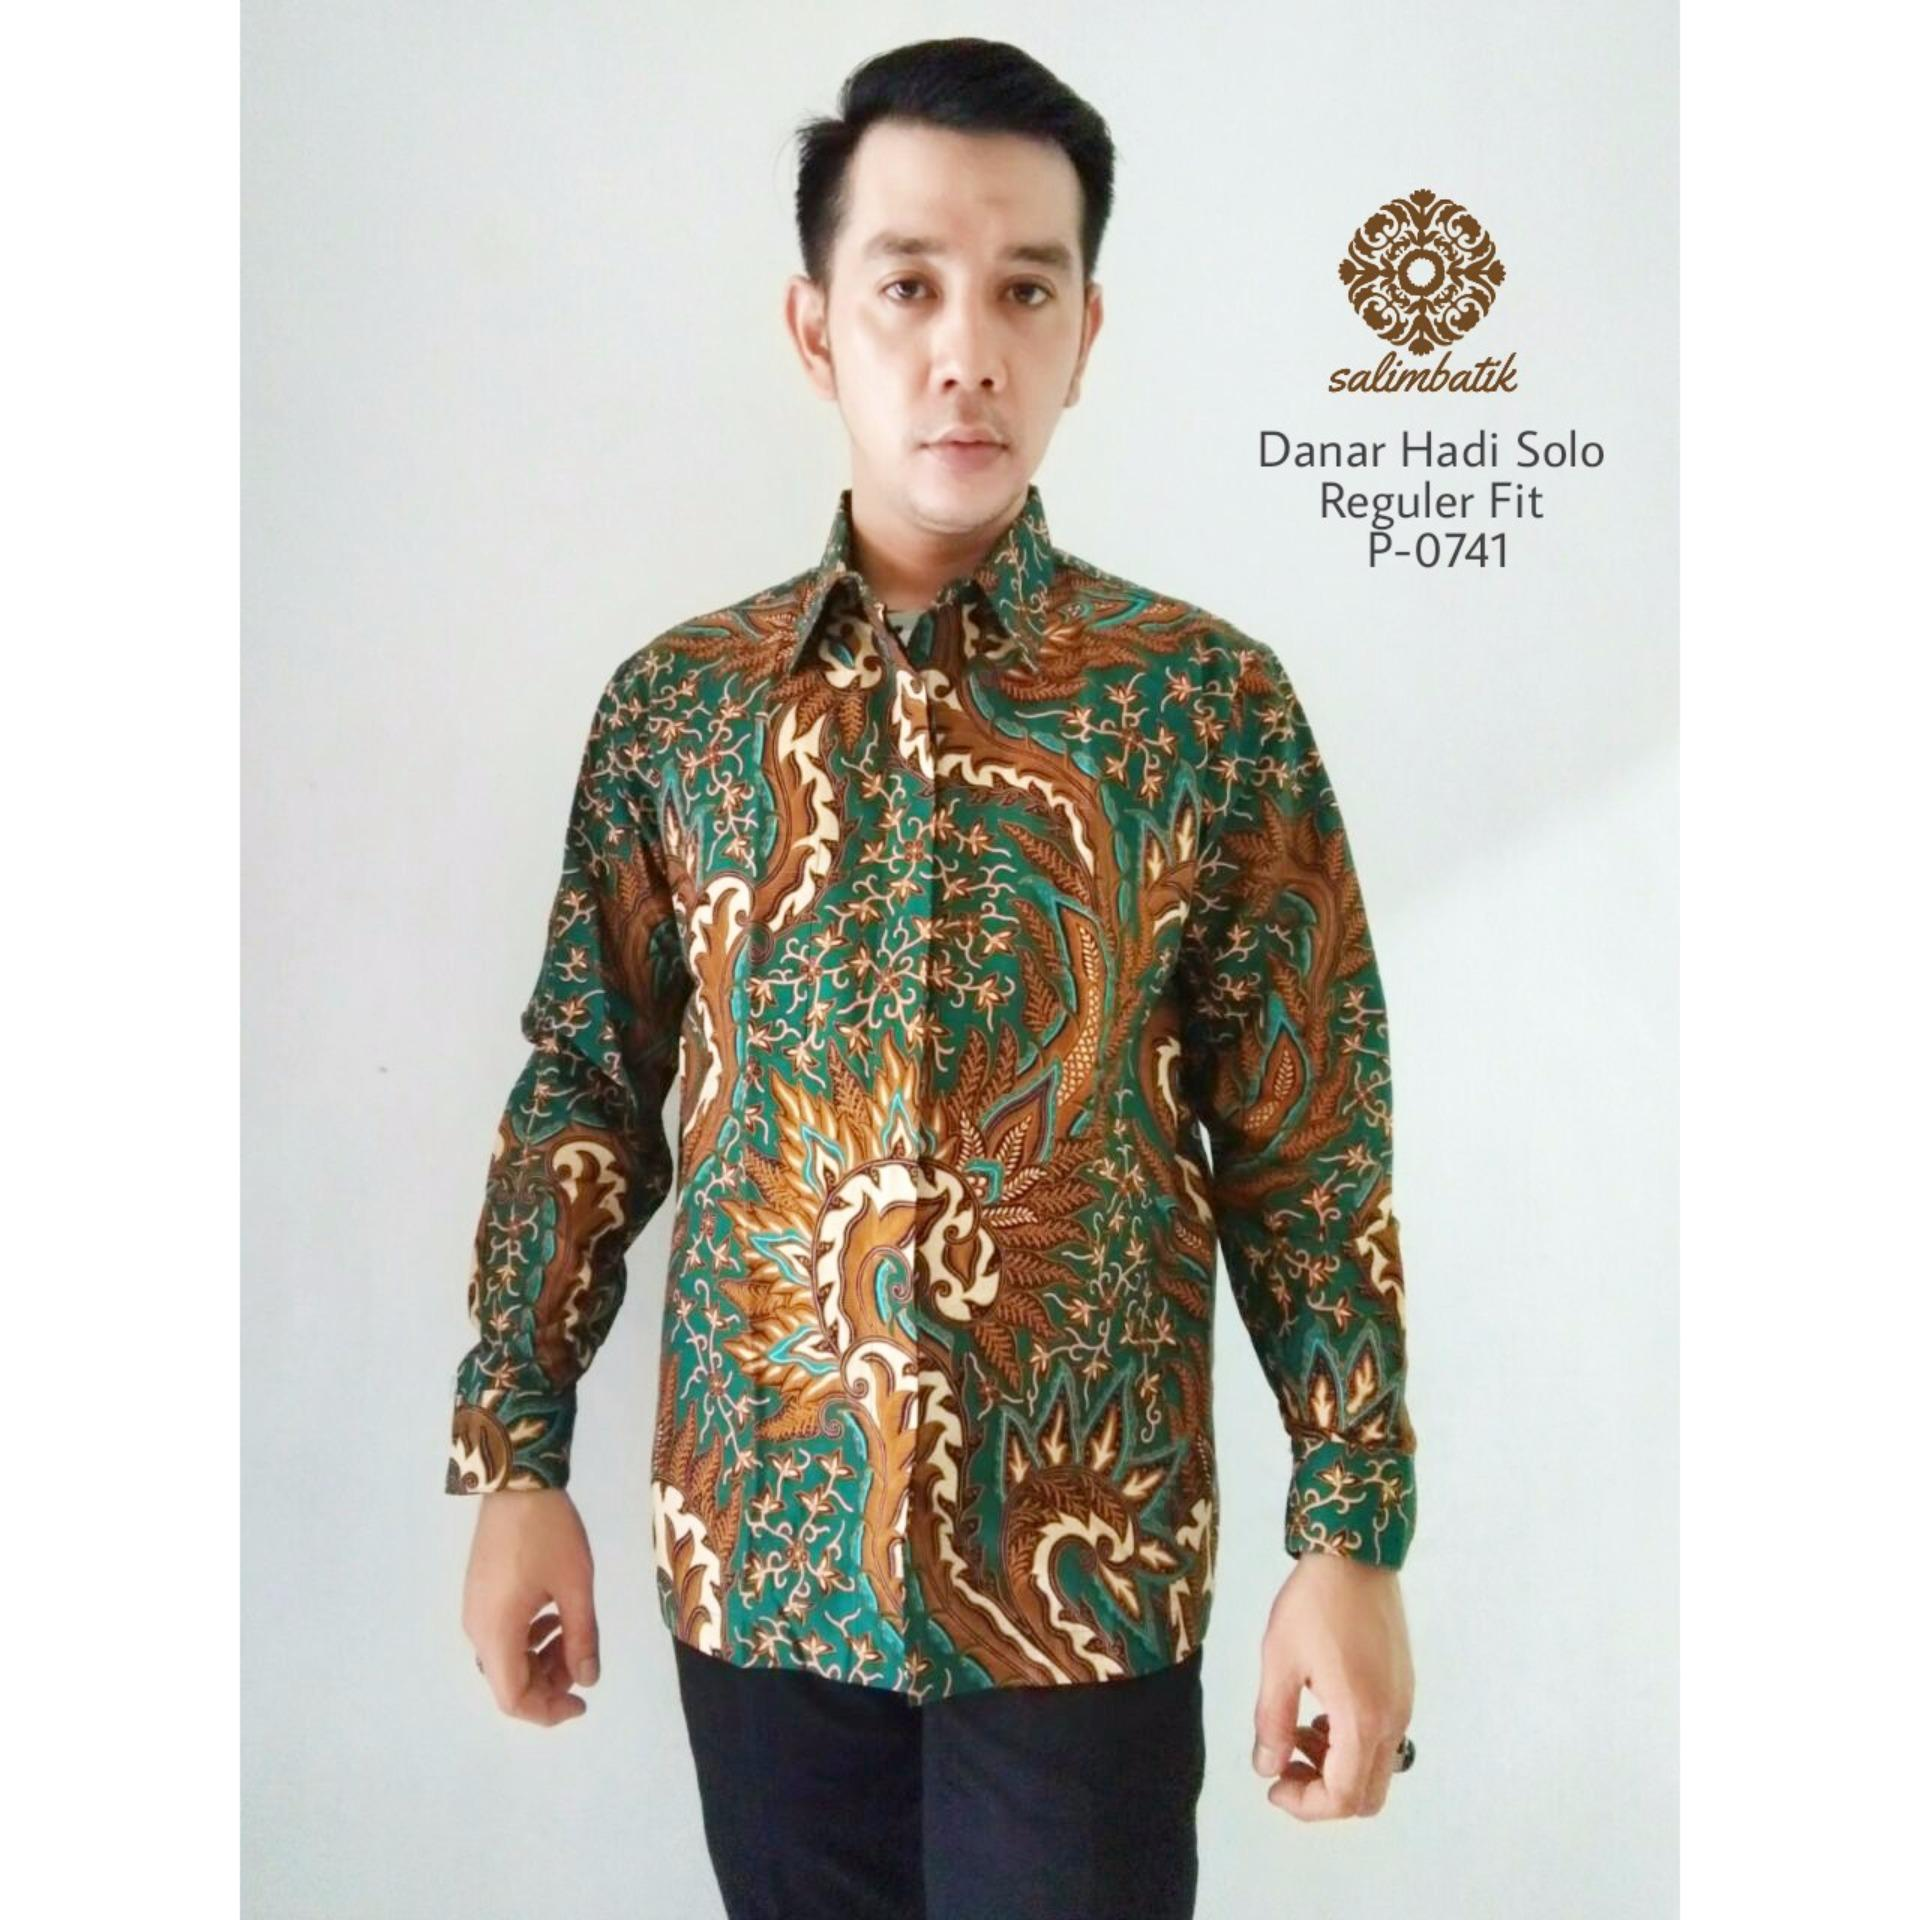 Warna Kancing matching dengan warna baju Danar Hadi Kemeja Batik Reguler Fit 0741 Hijau